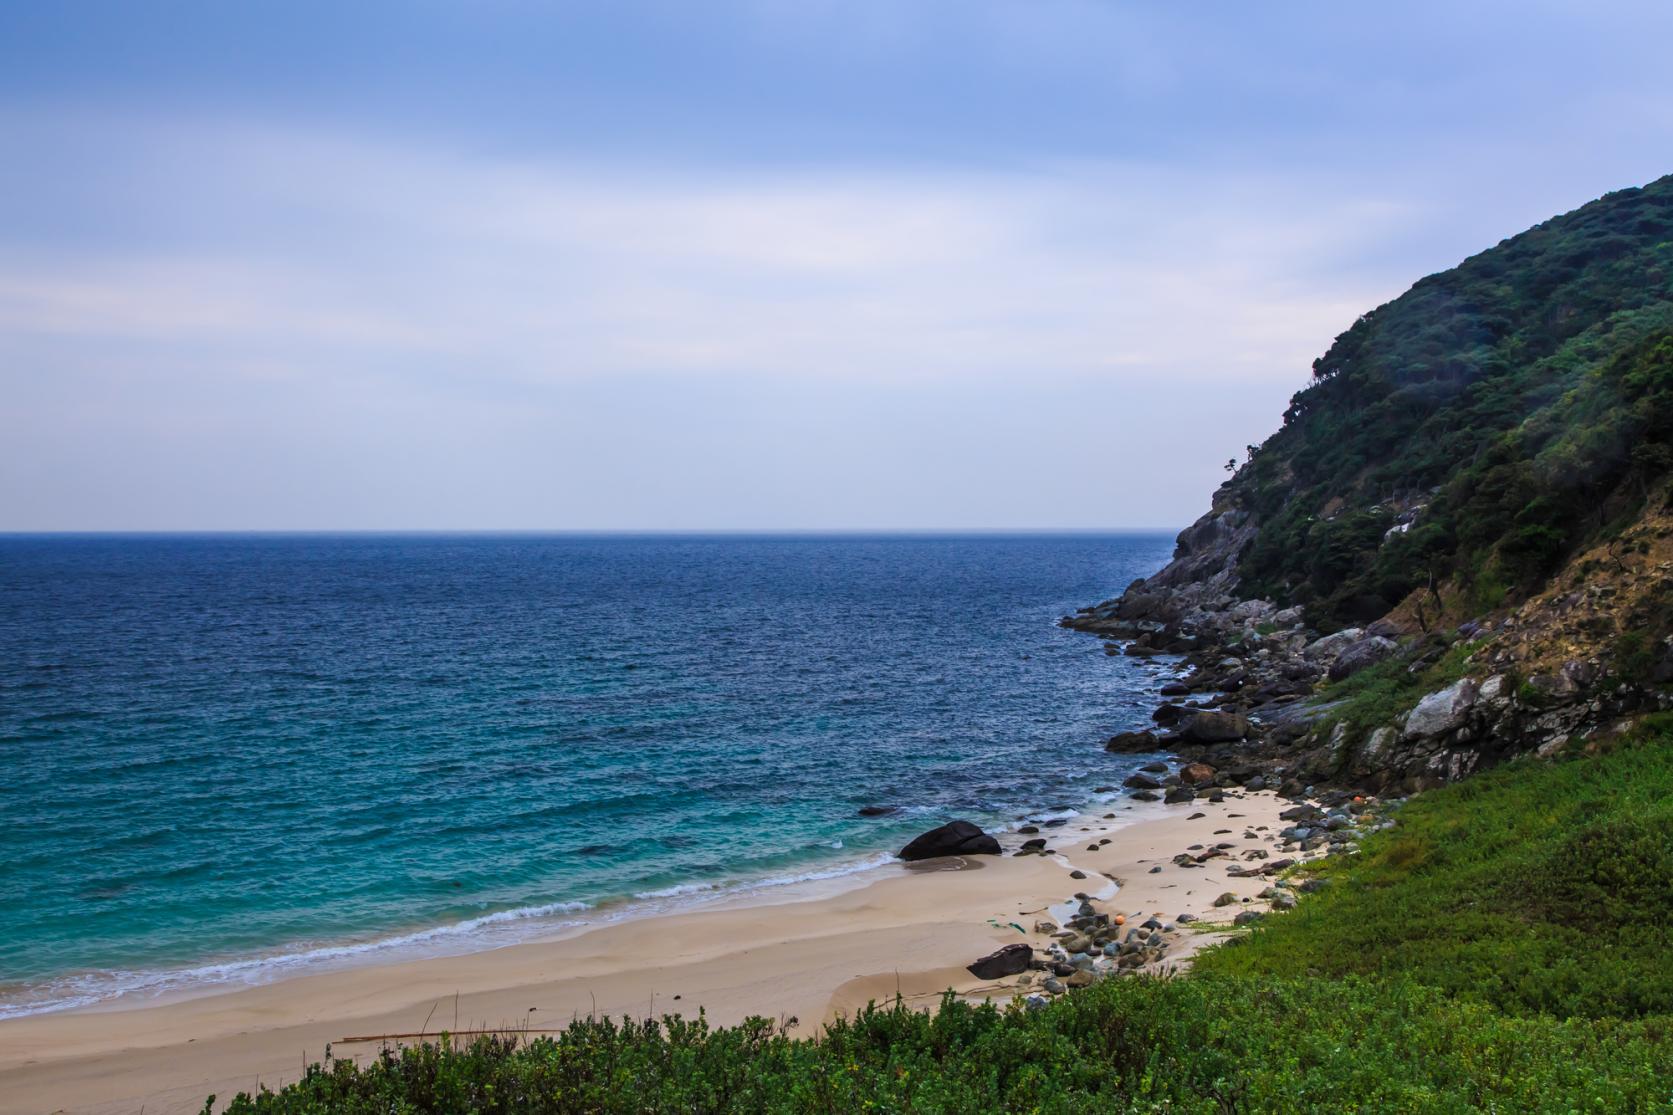 手つかずの自然が残る世界文化遺産の島 野崎島へ-2